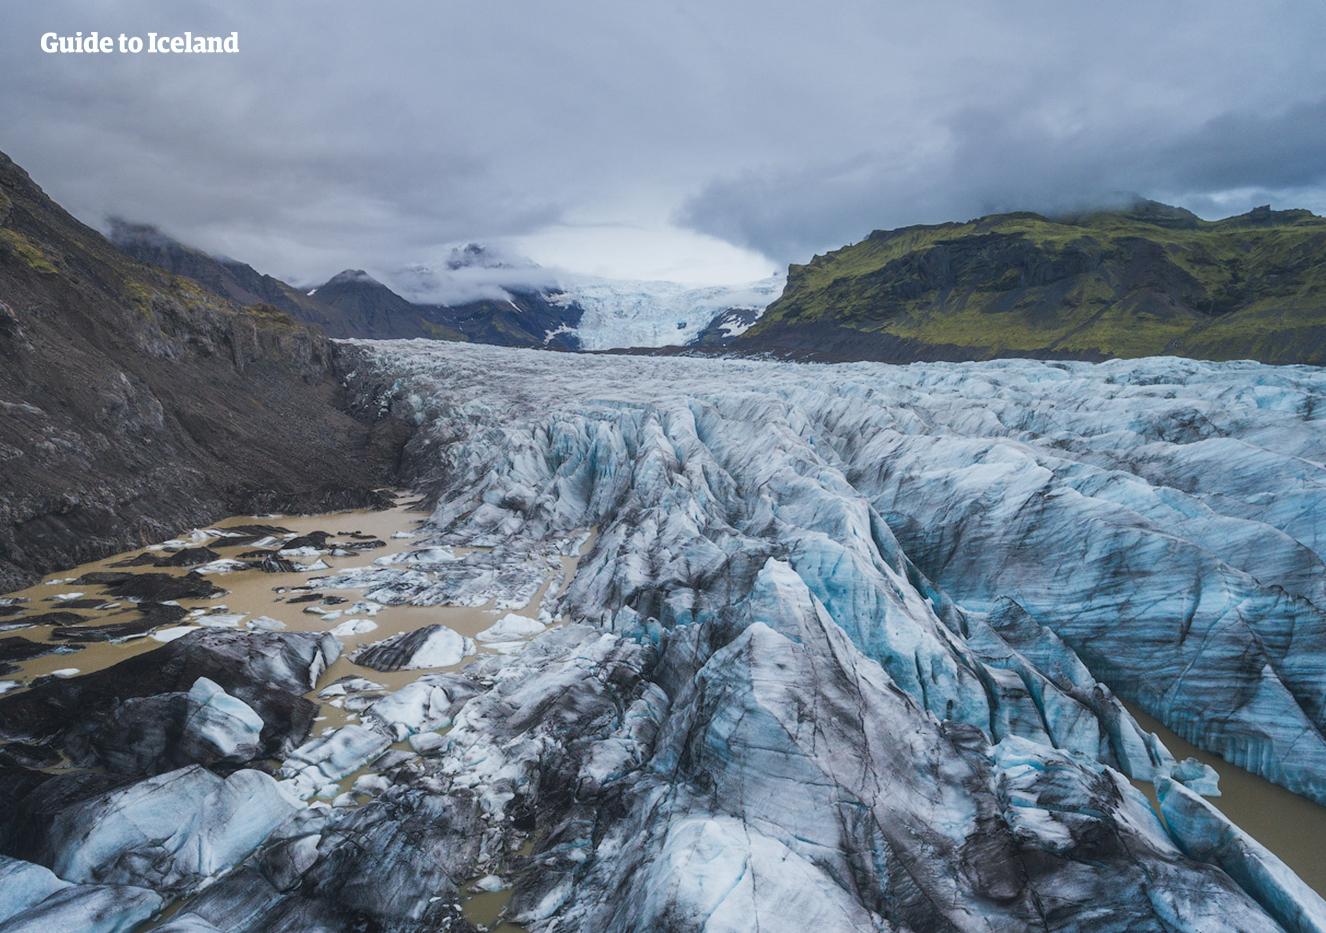 Het natuurreservaat Skaftafell in Zuid-IJsland is vooral bekend vanwege de gletsjeruitmondingen, zoals Svínafellsjökull (foto), en watervallen als Svartifoss.